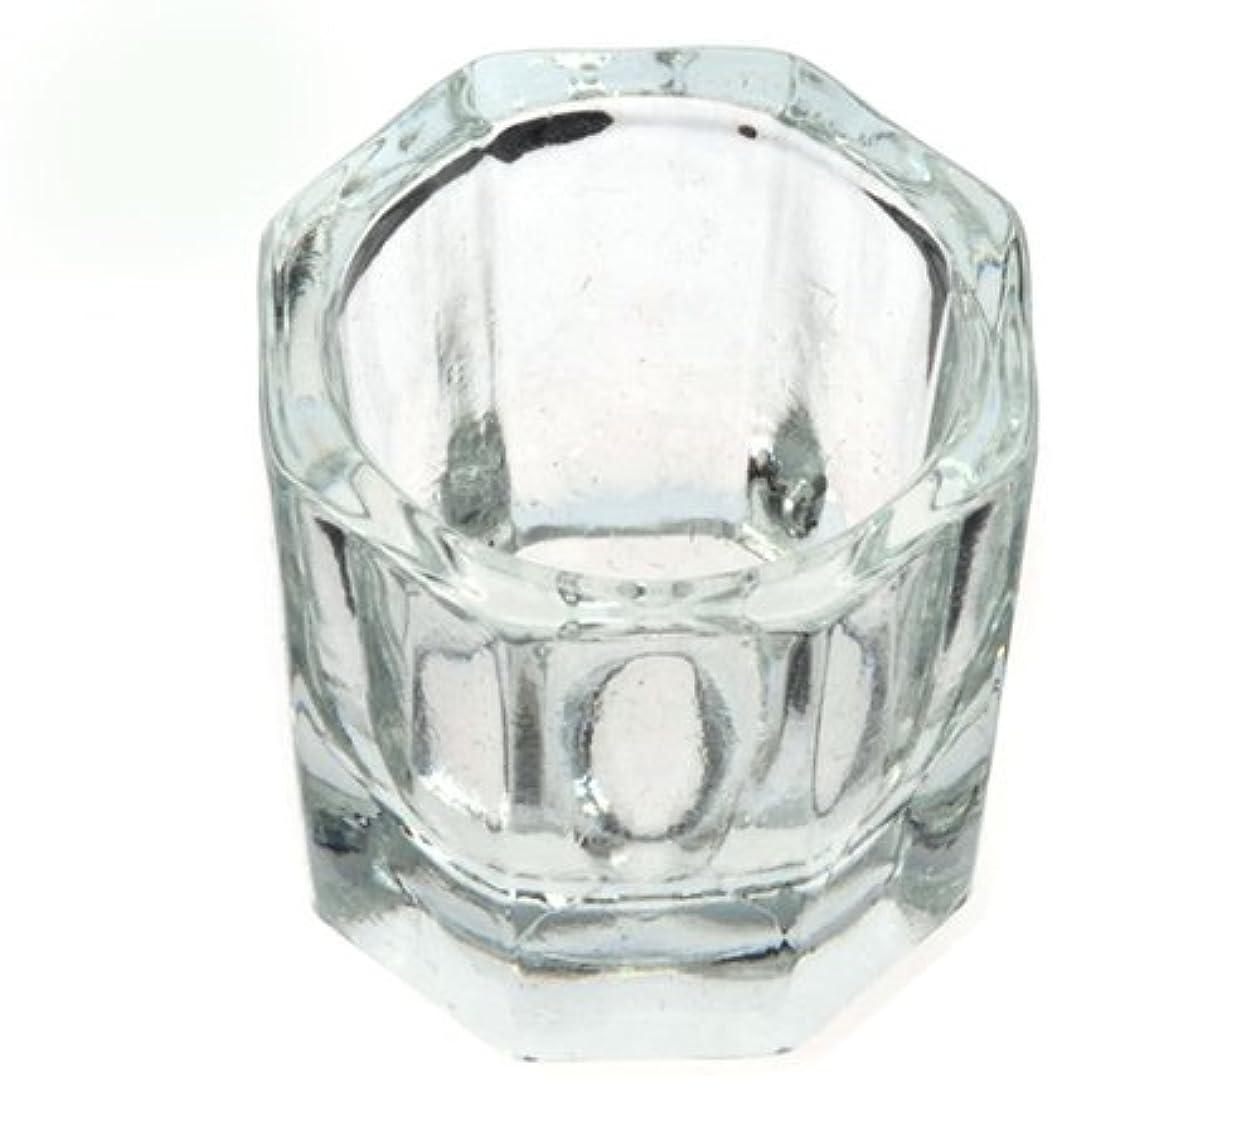 ぬるいキャップサスペンドダッペンディッシュ グラスディッシュ 筆洗い ガラス容器 ジェルネイル用筆洗浄